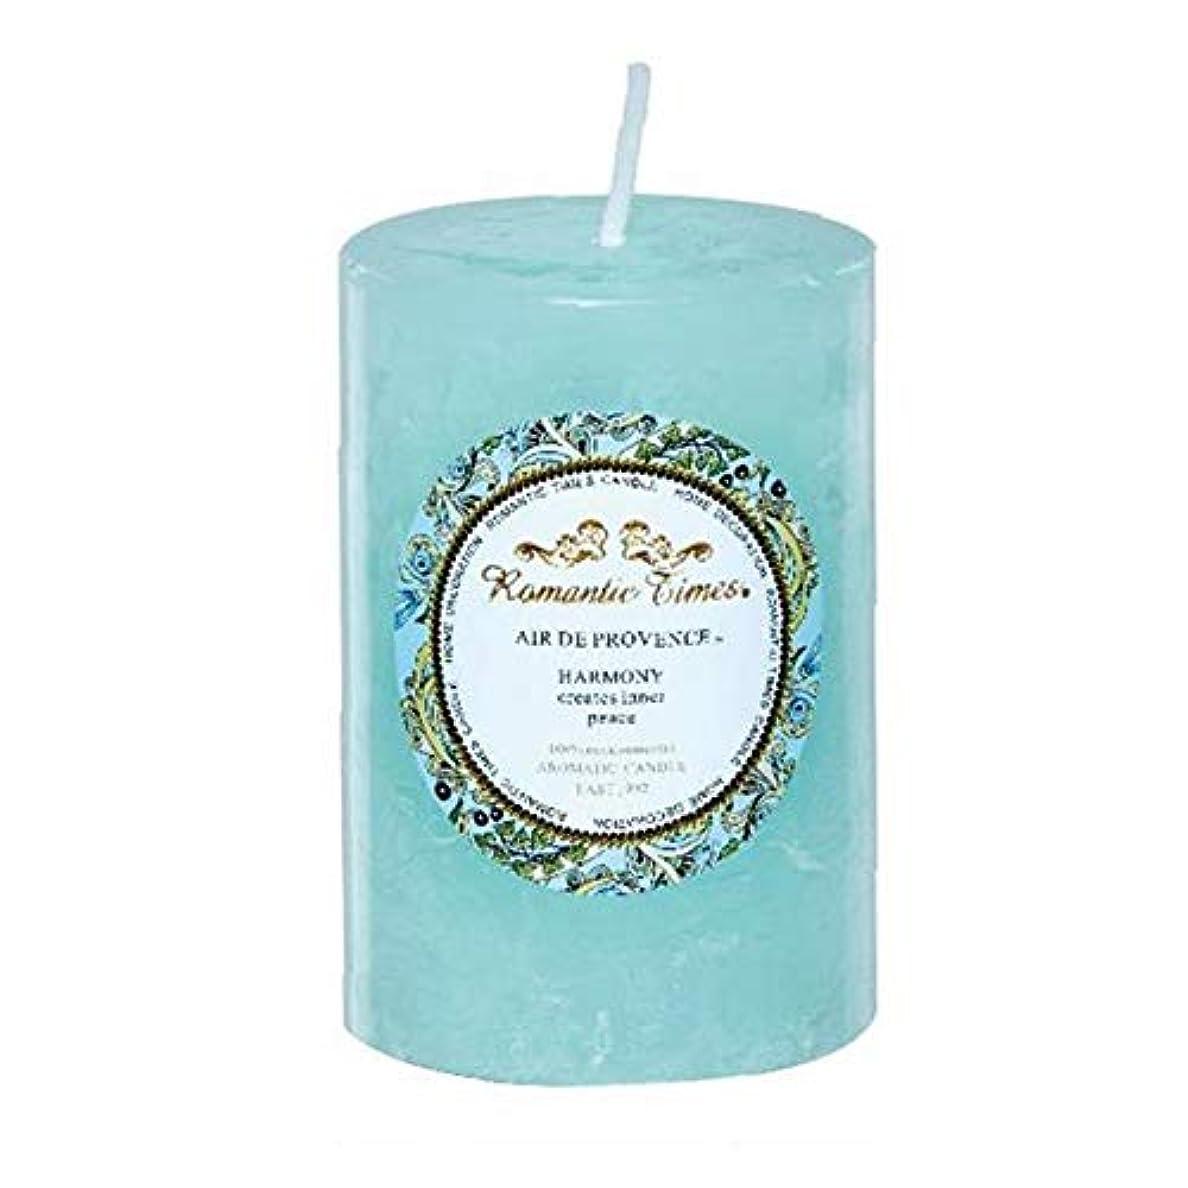 召喚する定期的なジョージバーナードクリスマスキャンドル、家庭光のバスルームには装飾的な芳香入浴瞑想を香りの香り,M3